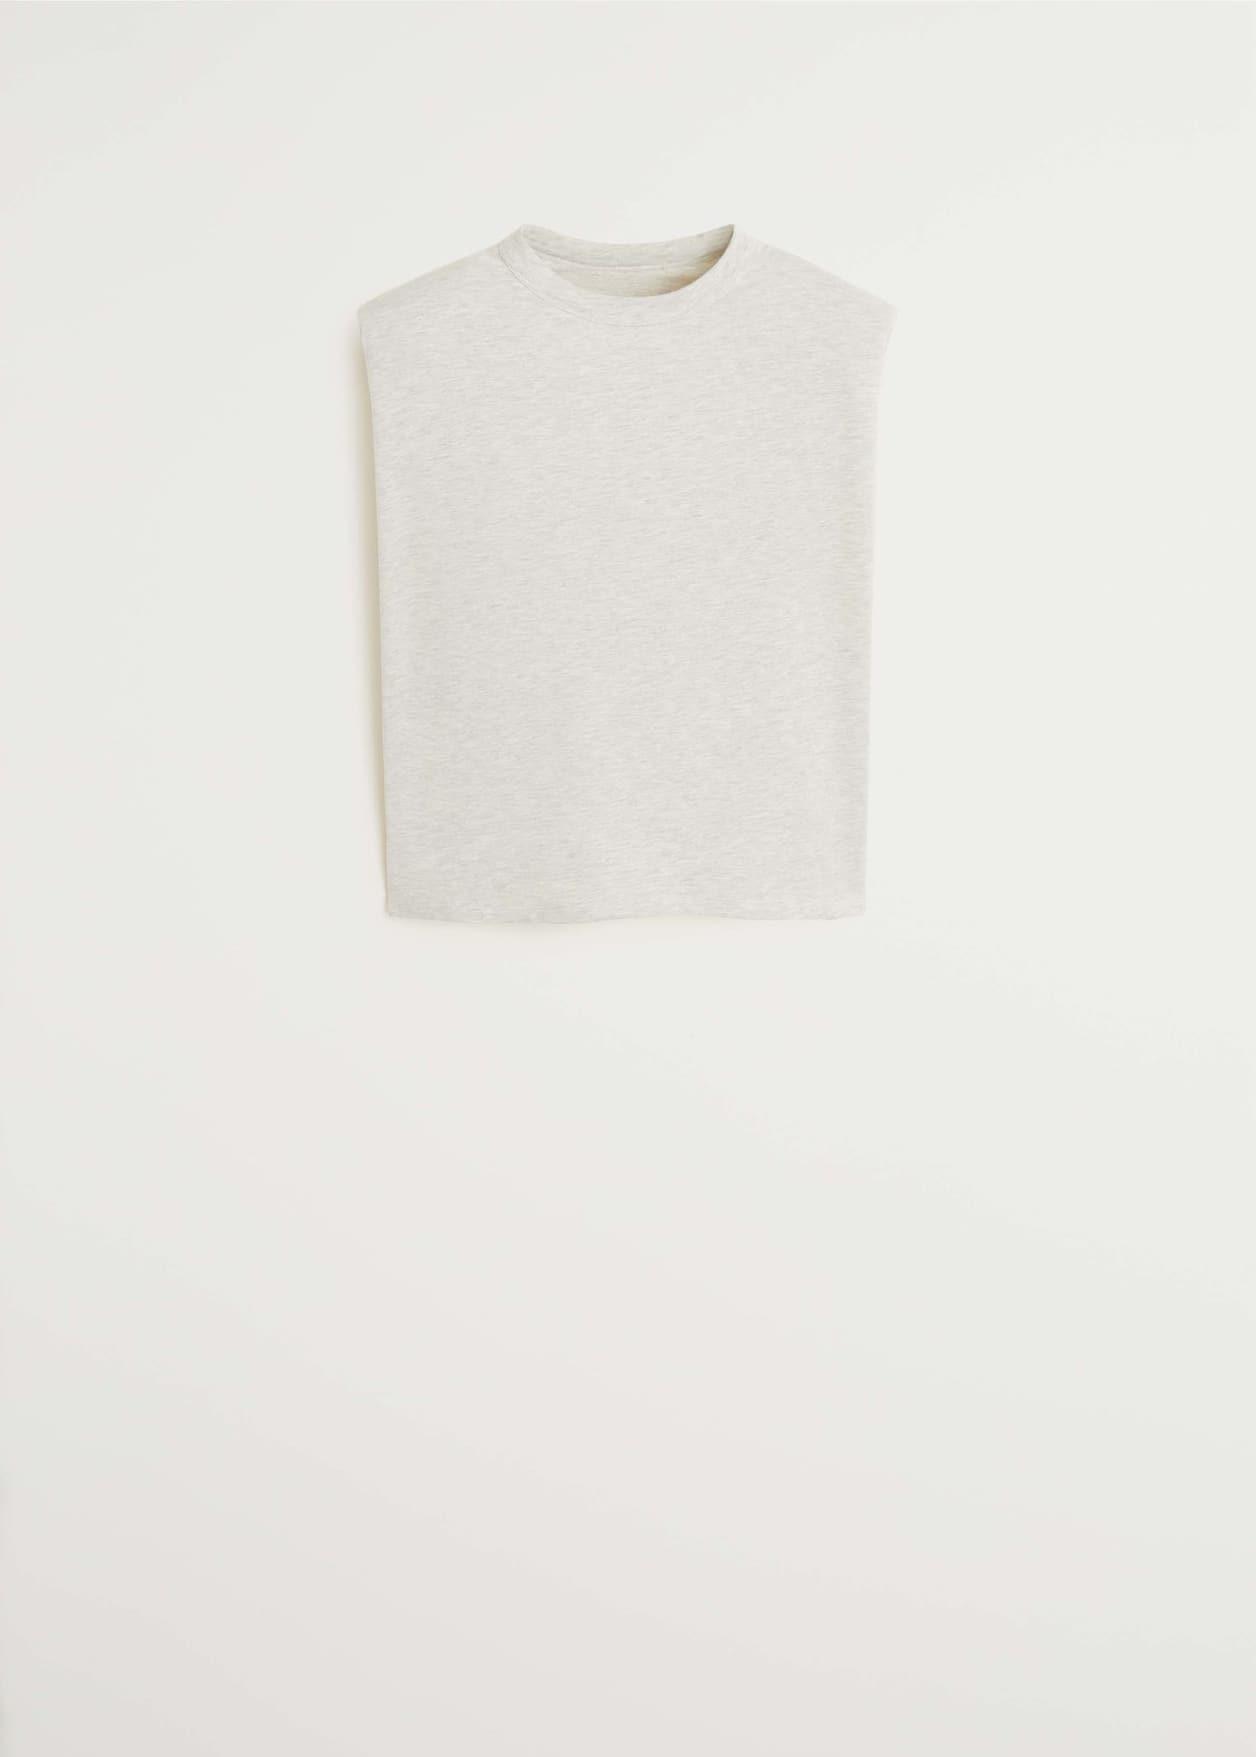 Baumwoll-T-Shirt mit Schulterpolster - Artikel ohne Model